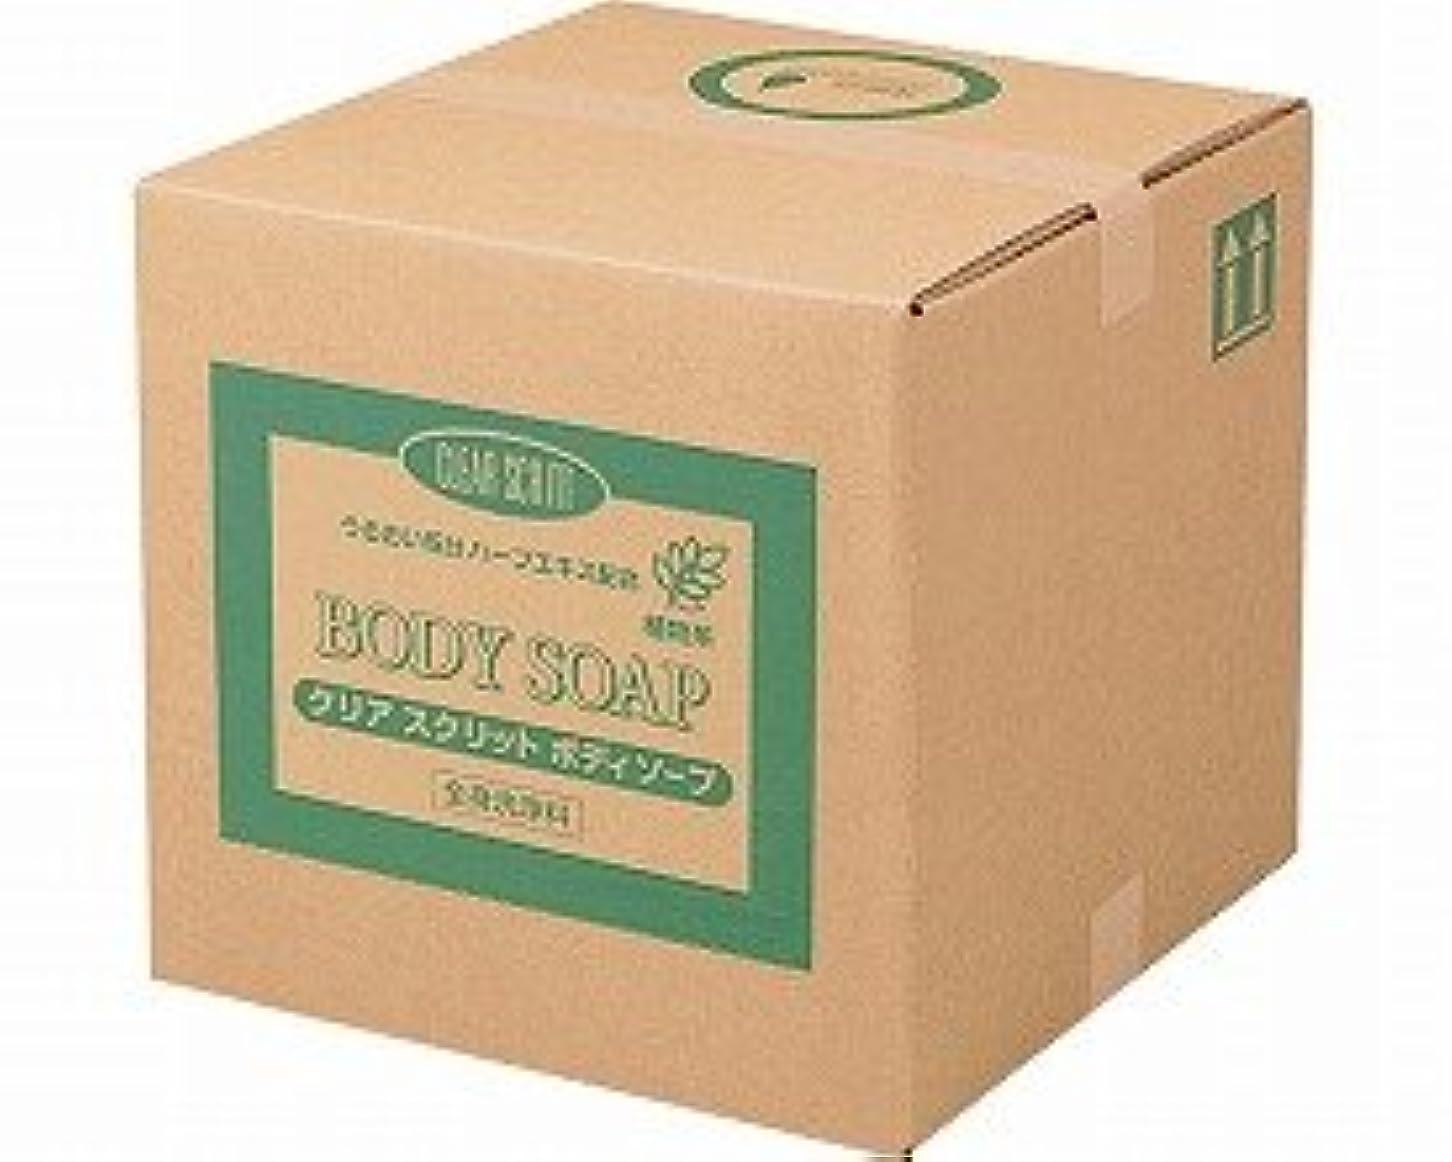 悲惨メリーピニオンCLEAR SCRITT(クリアスクリット) ボディソープ 18L コック付 4355 (熊野油脂) (清拭小物)